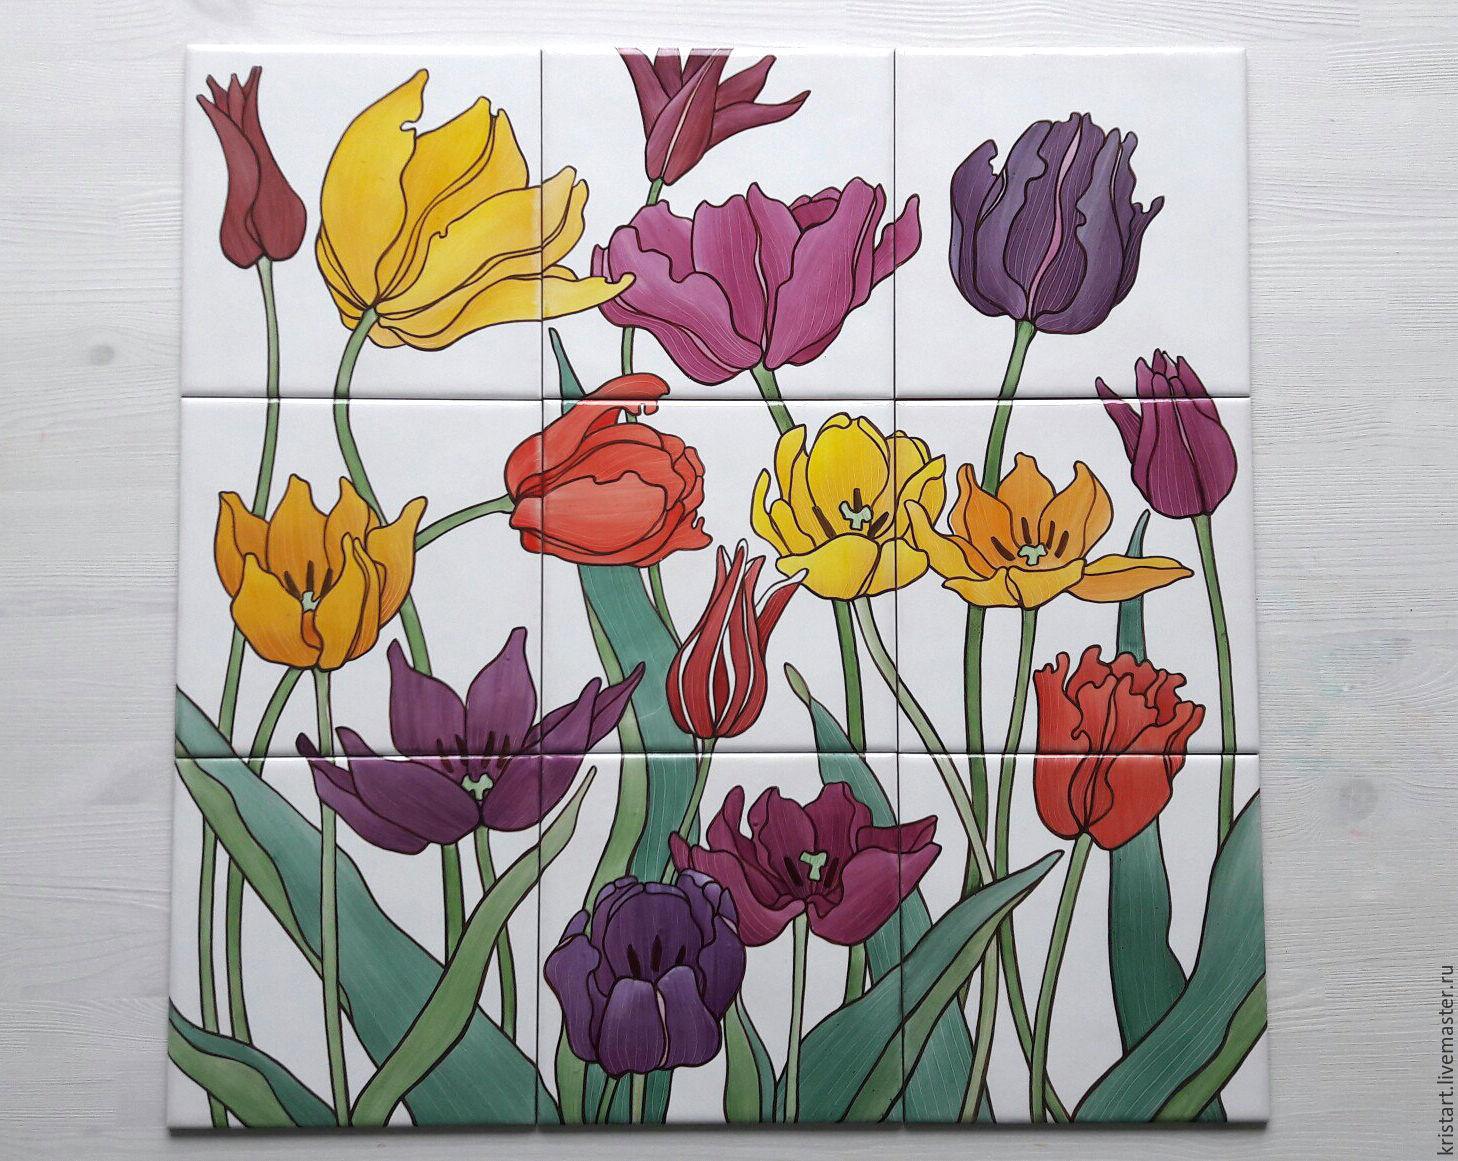 Керамическая плитка Панно Цветы Тюльпаны, Картины, Москва, Фото №1